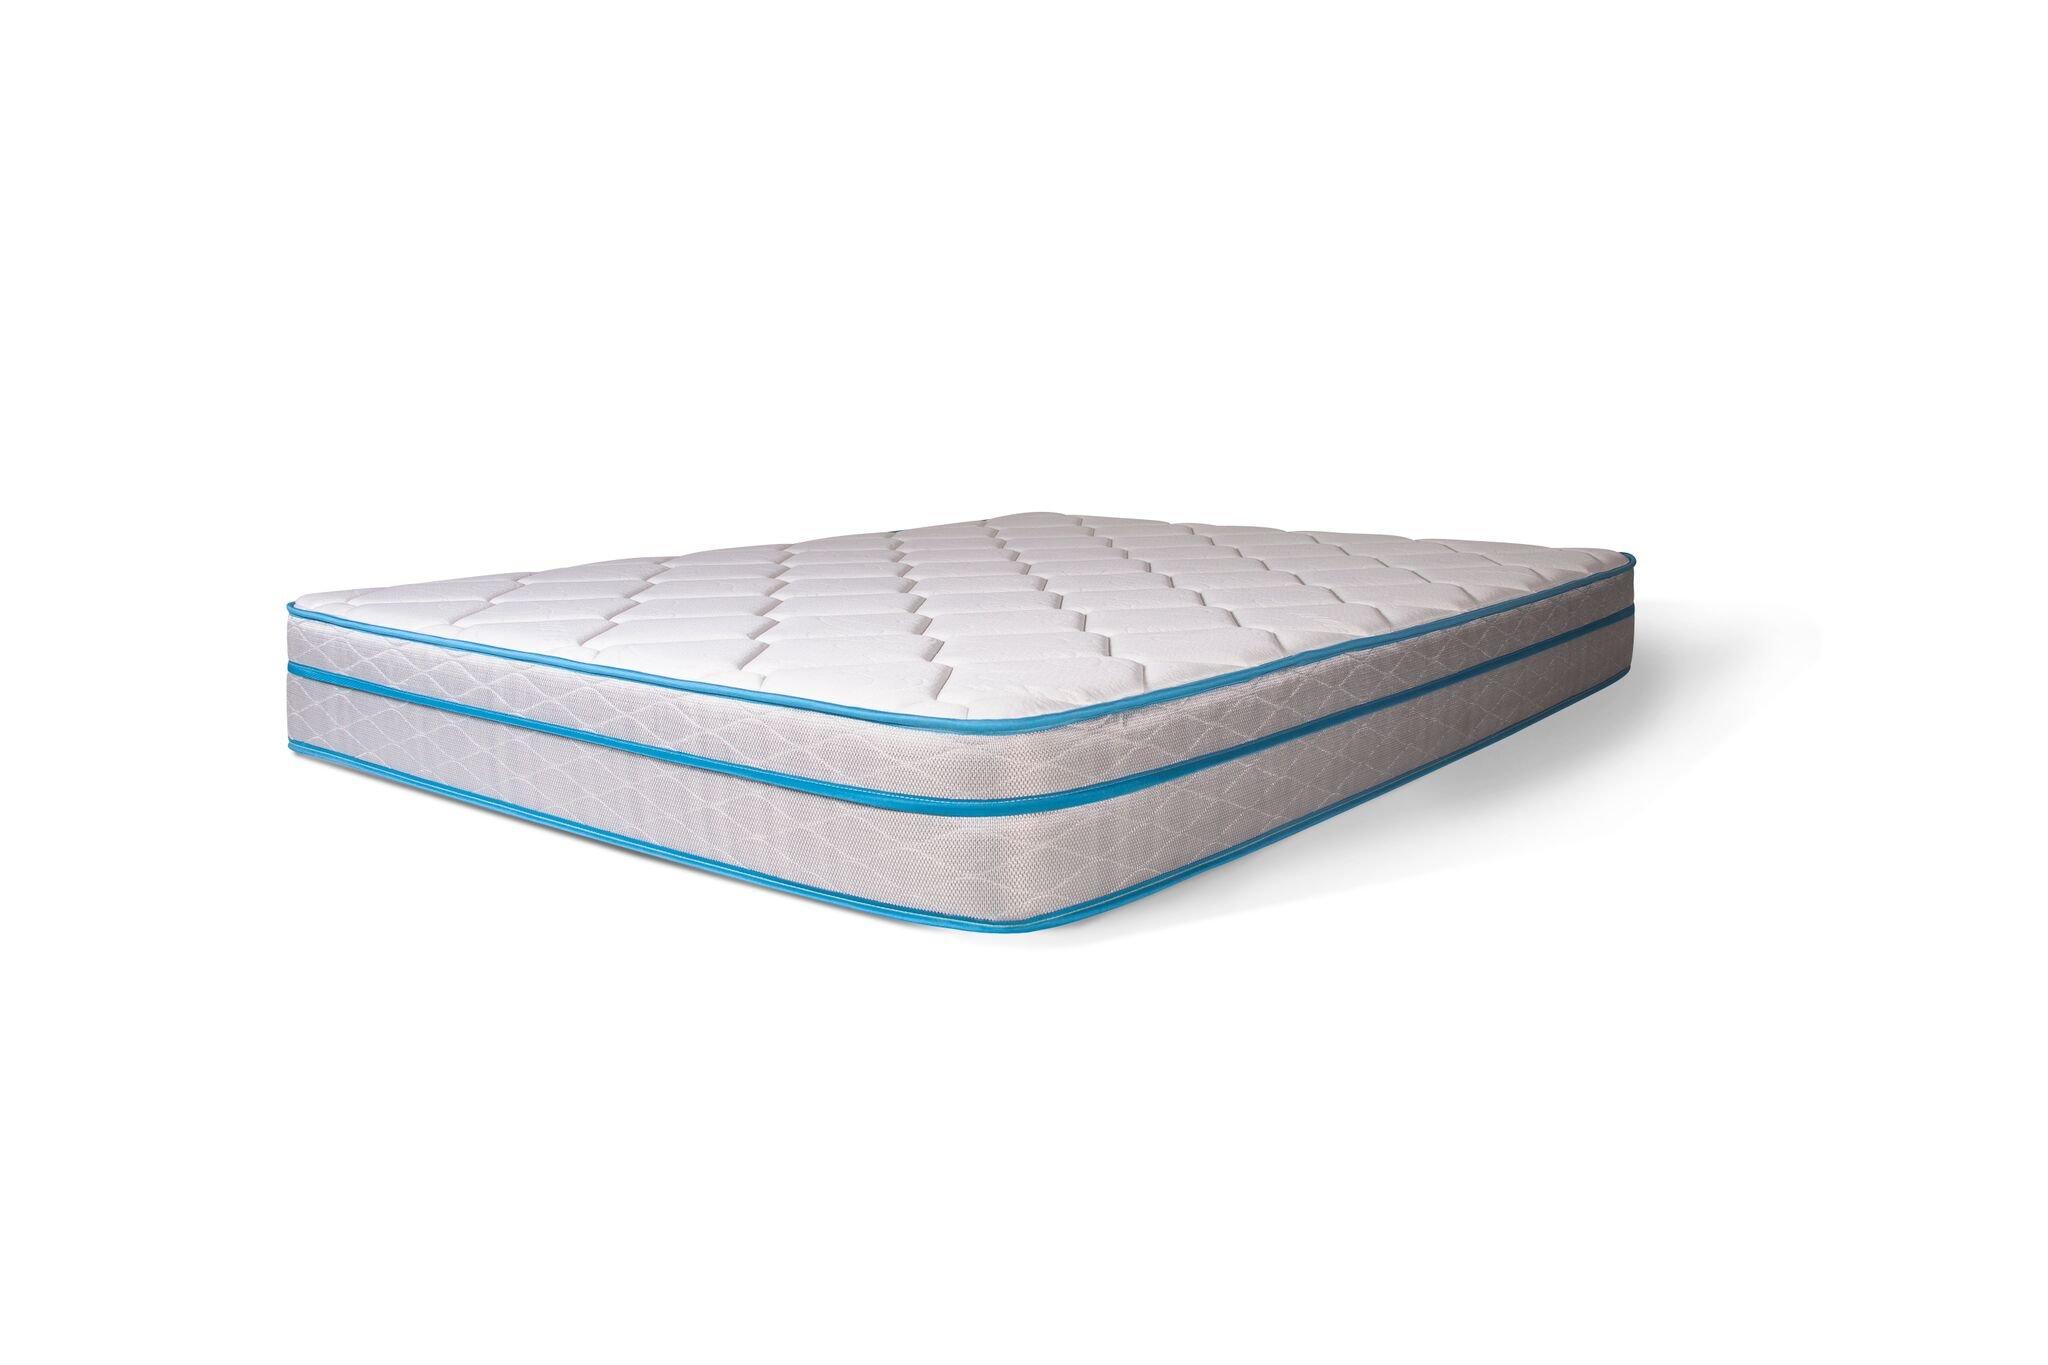 Dreamfoam Bedding Doze 11'' Plush Pillow Top Mattress, Short Queen- Made in the USA